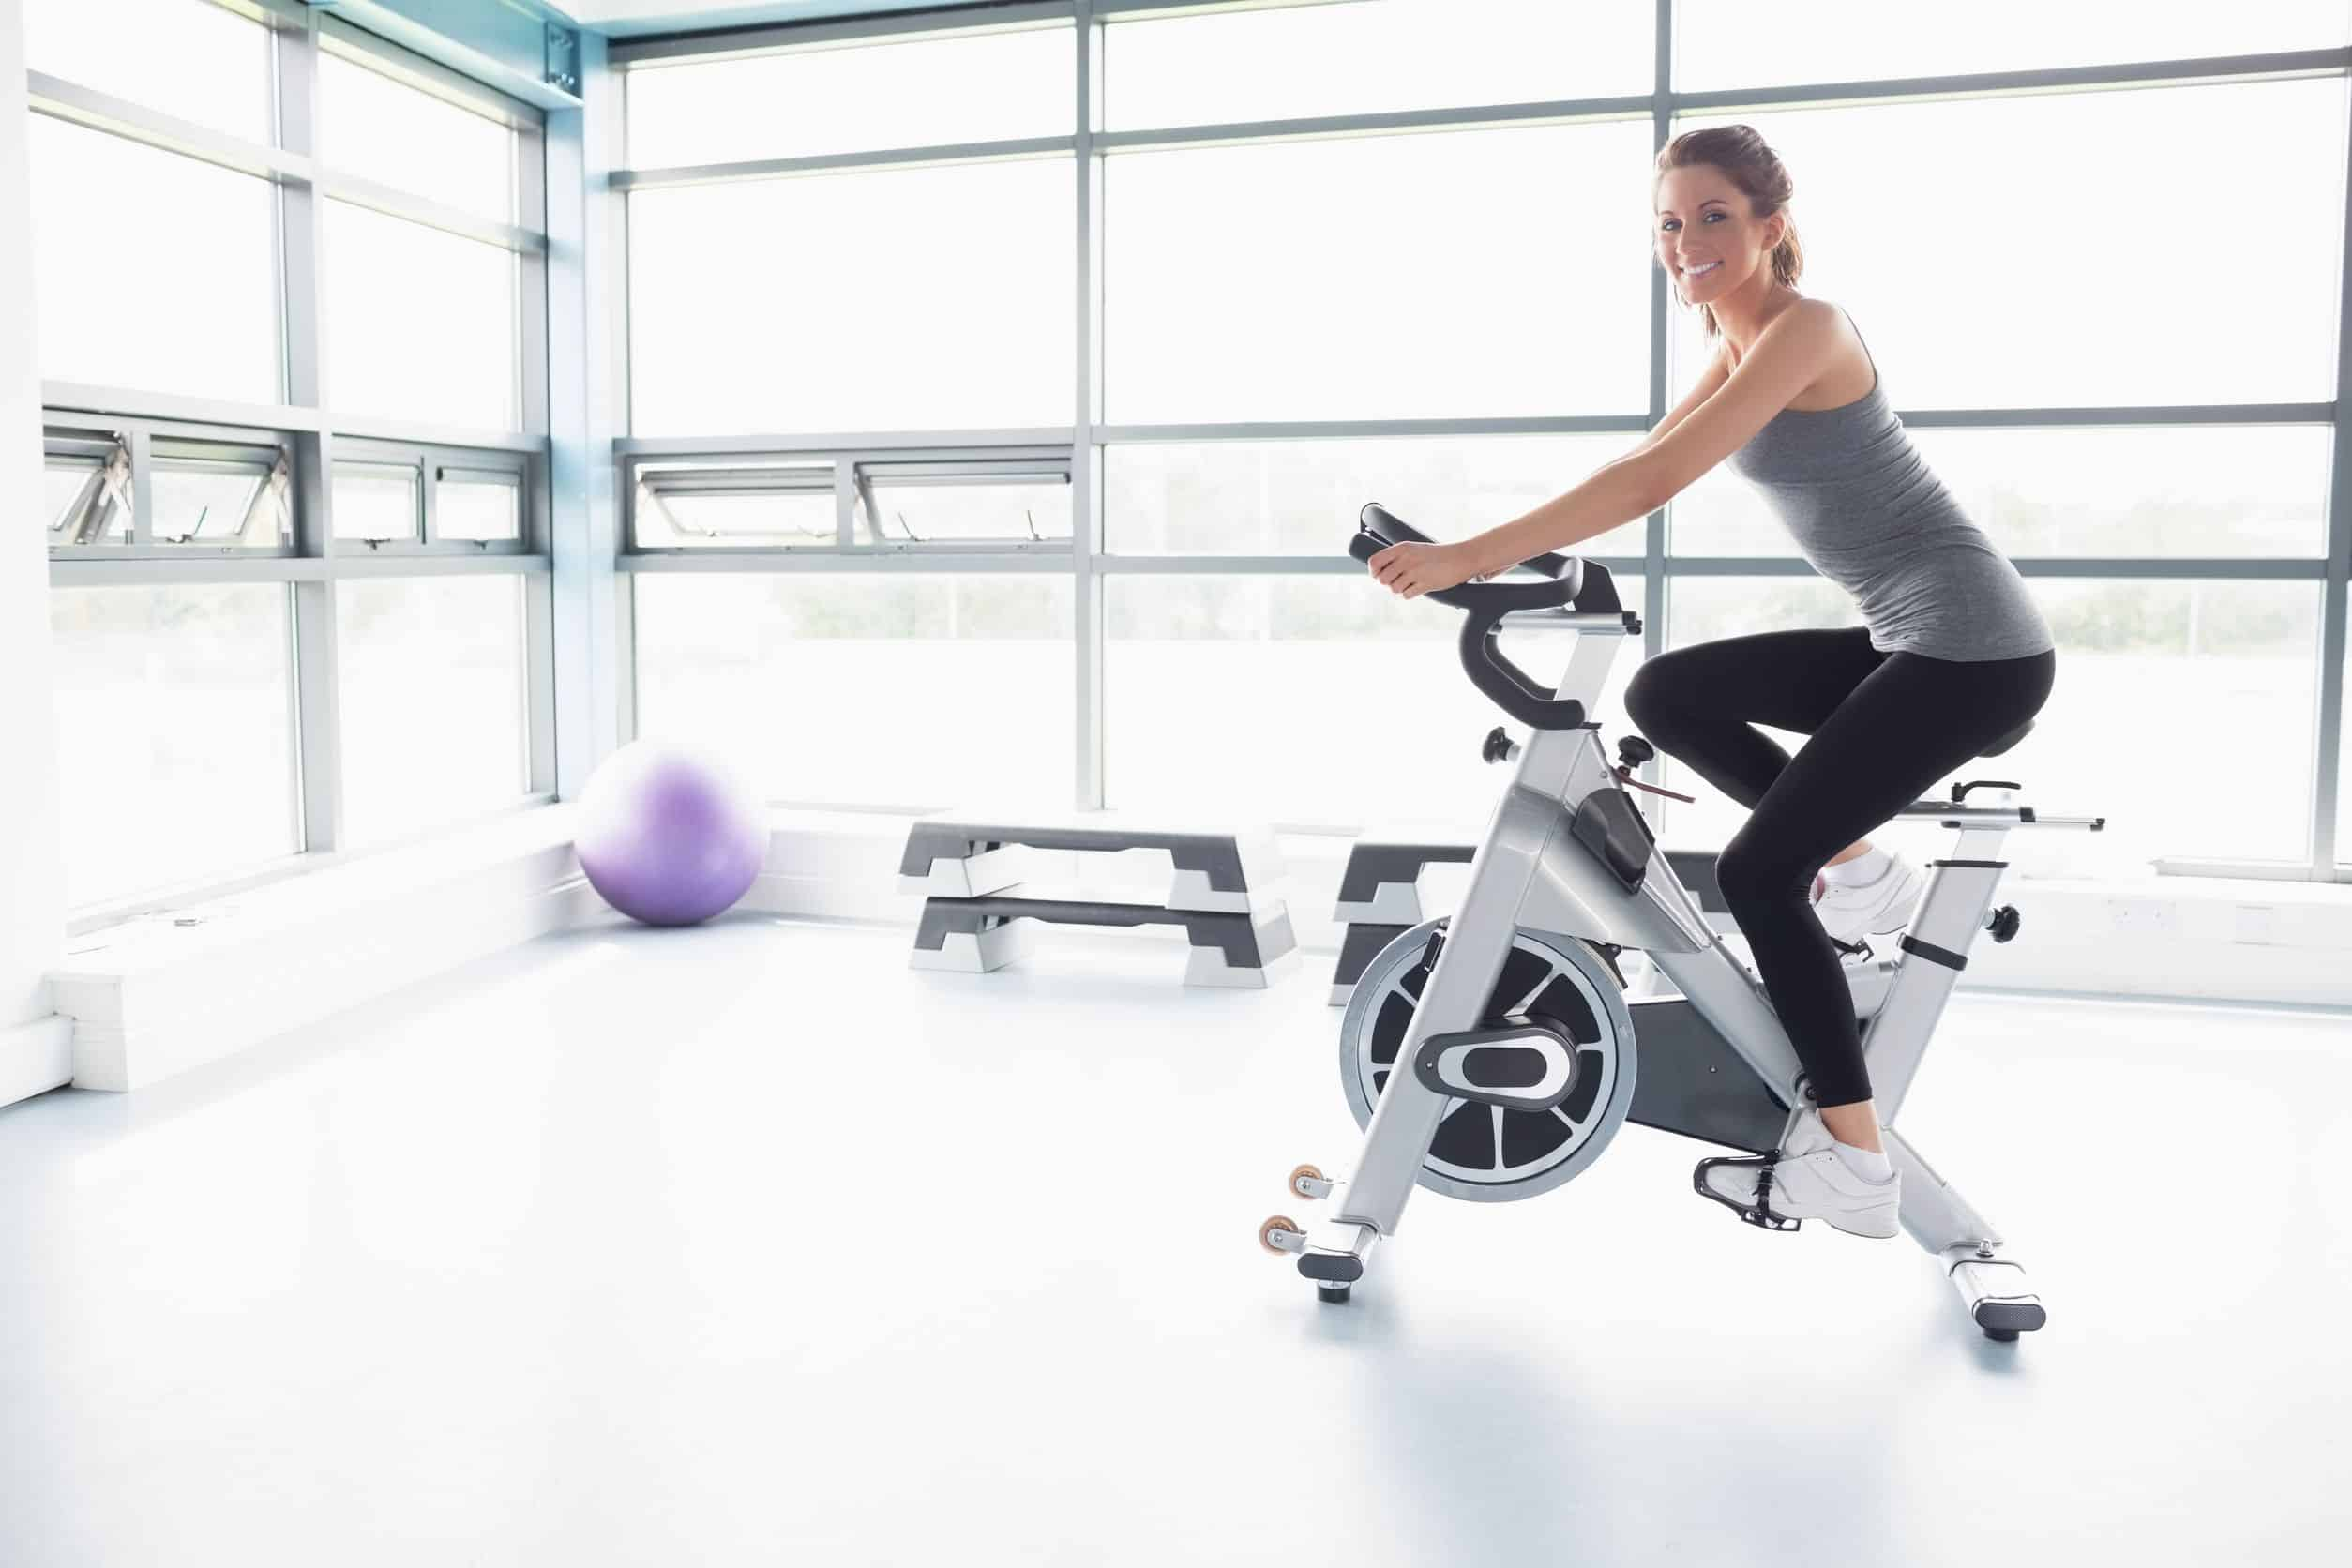 Imagem mostra mulher em uma bicicleta ergométrica em uma sala de exercícios branca.